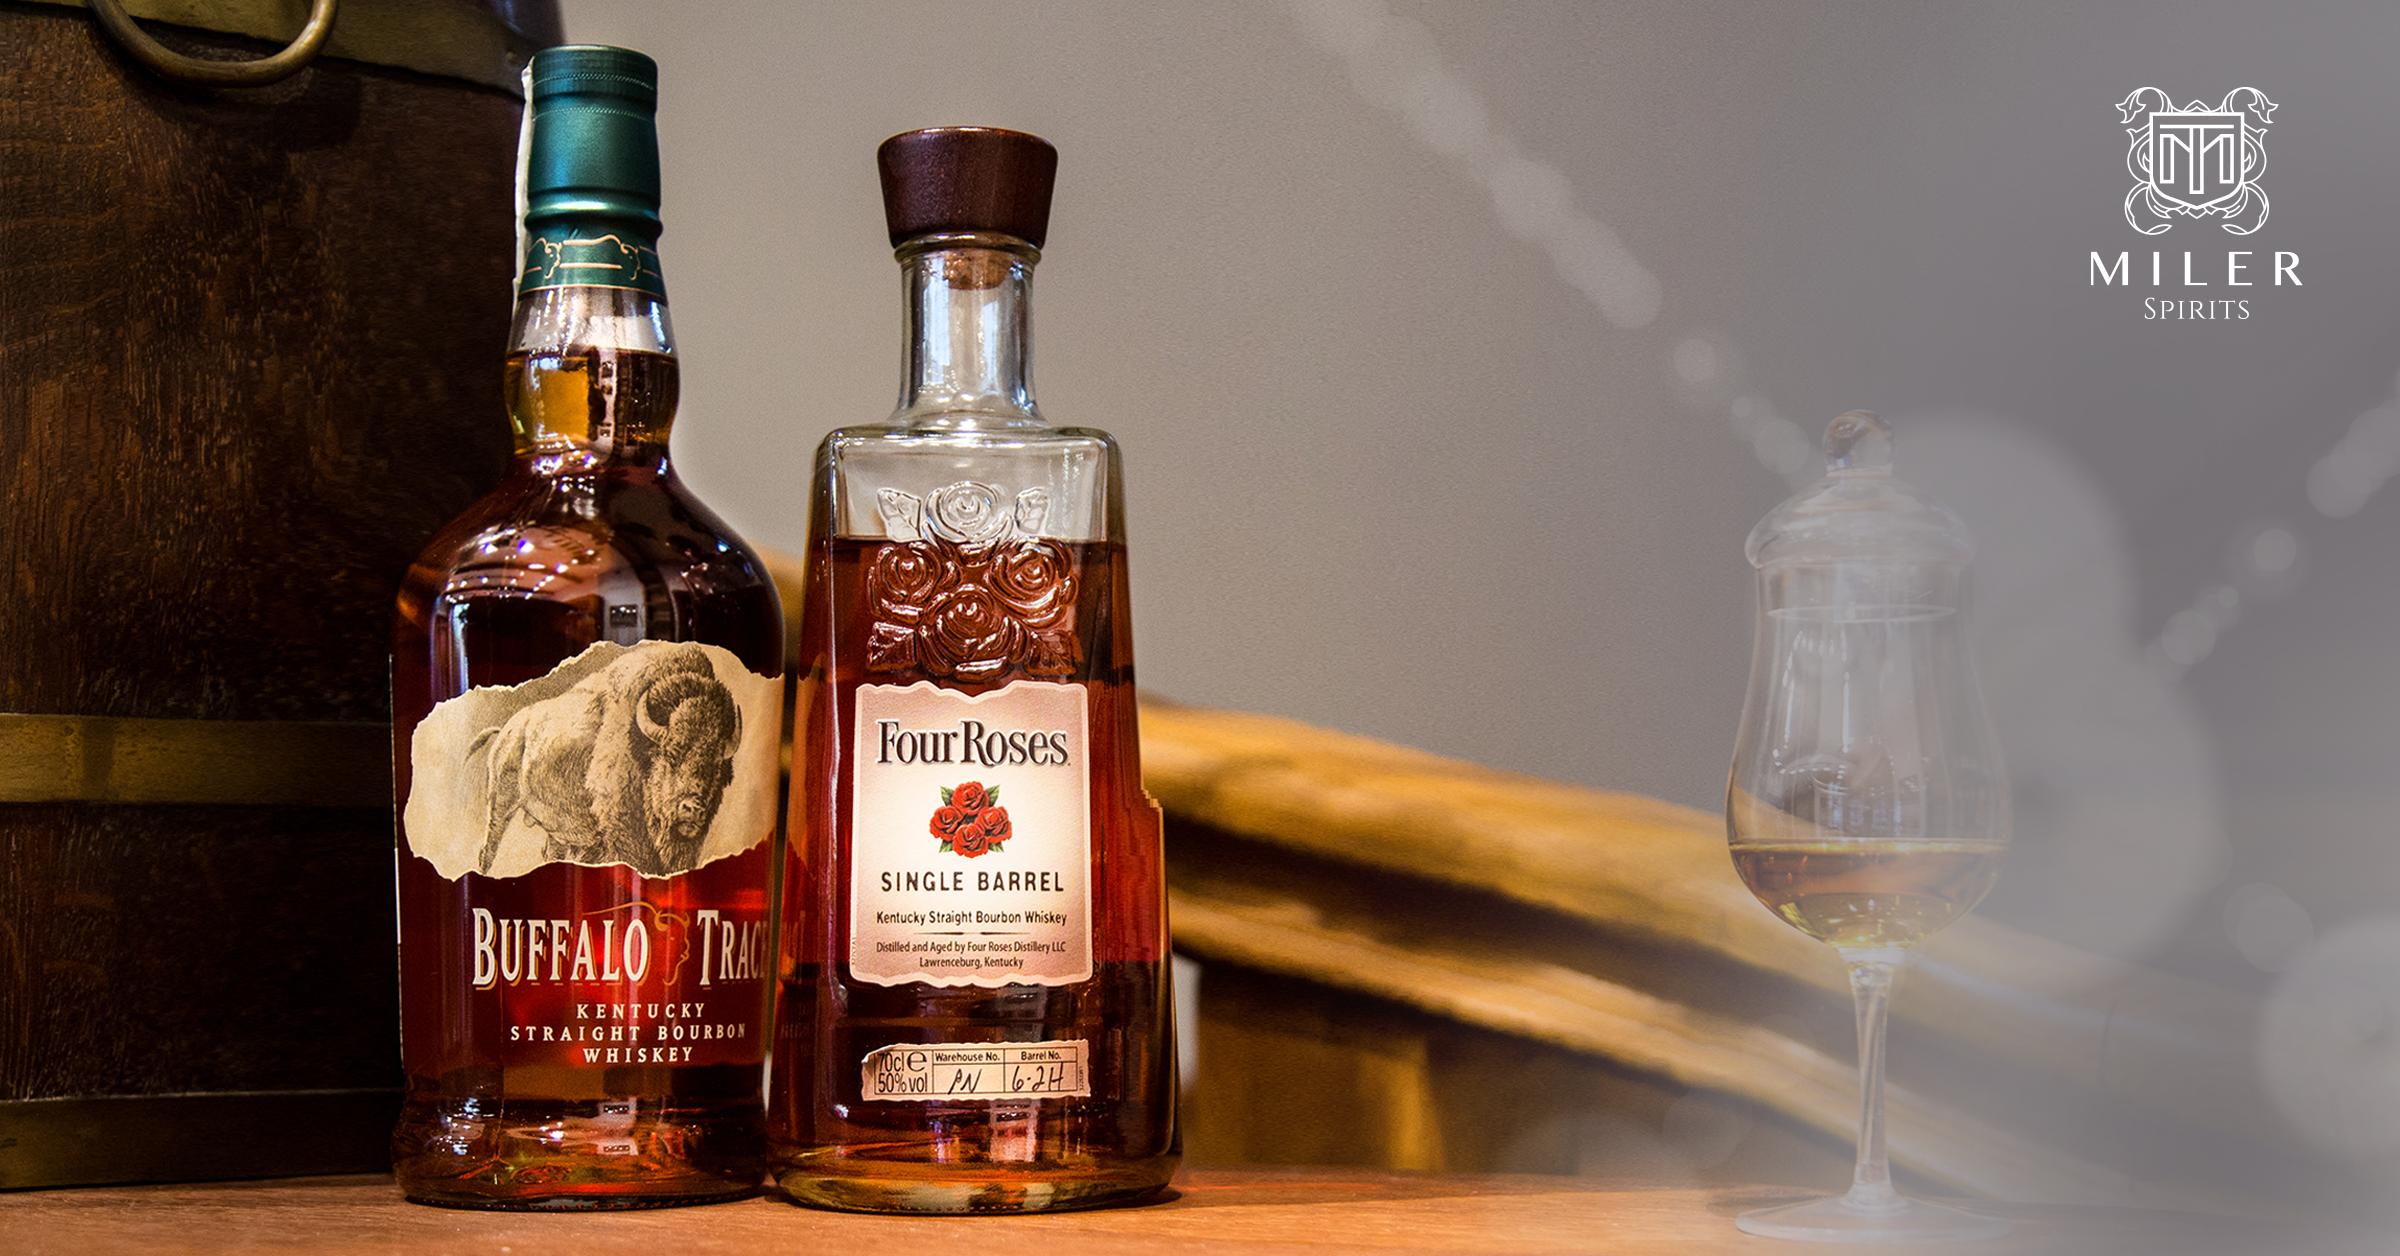 Milerpije Pl Wszystko Co Musisz Wiedzieć O Whisky Bourbon Whiskey Co To Jest Milerpije Pl Wszystko Co Musisz Wiedzieć O Whisky